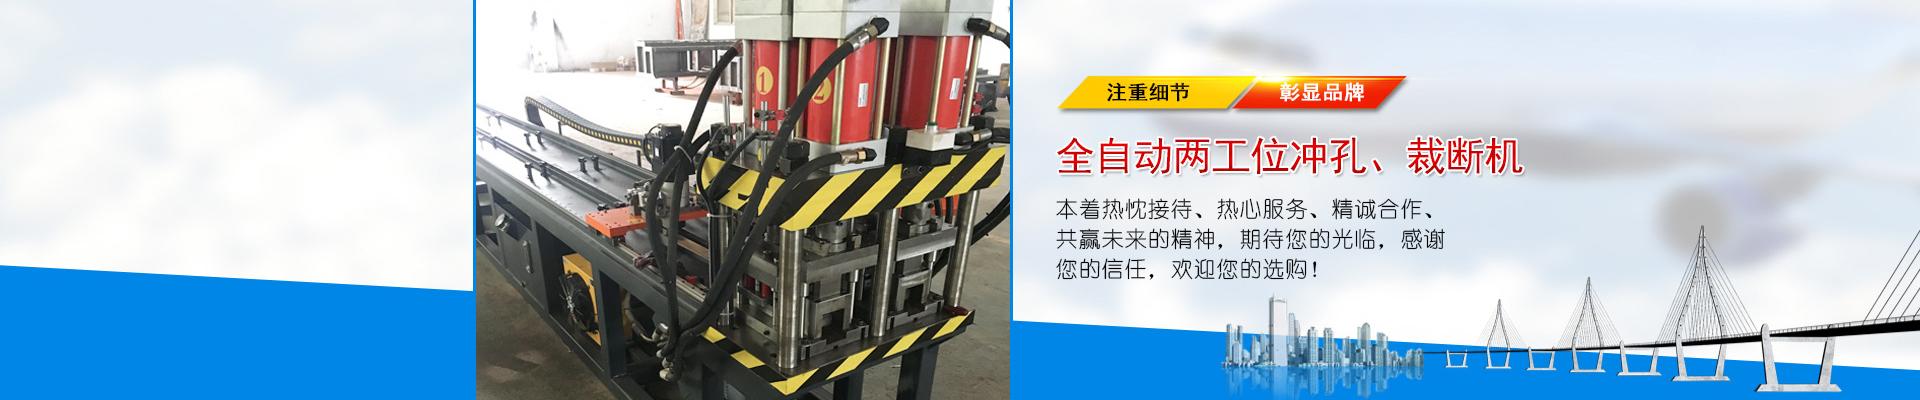 张家港市台力机械制造有限公司